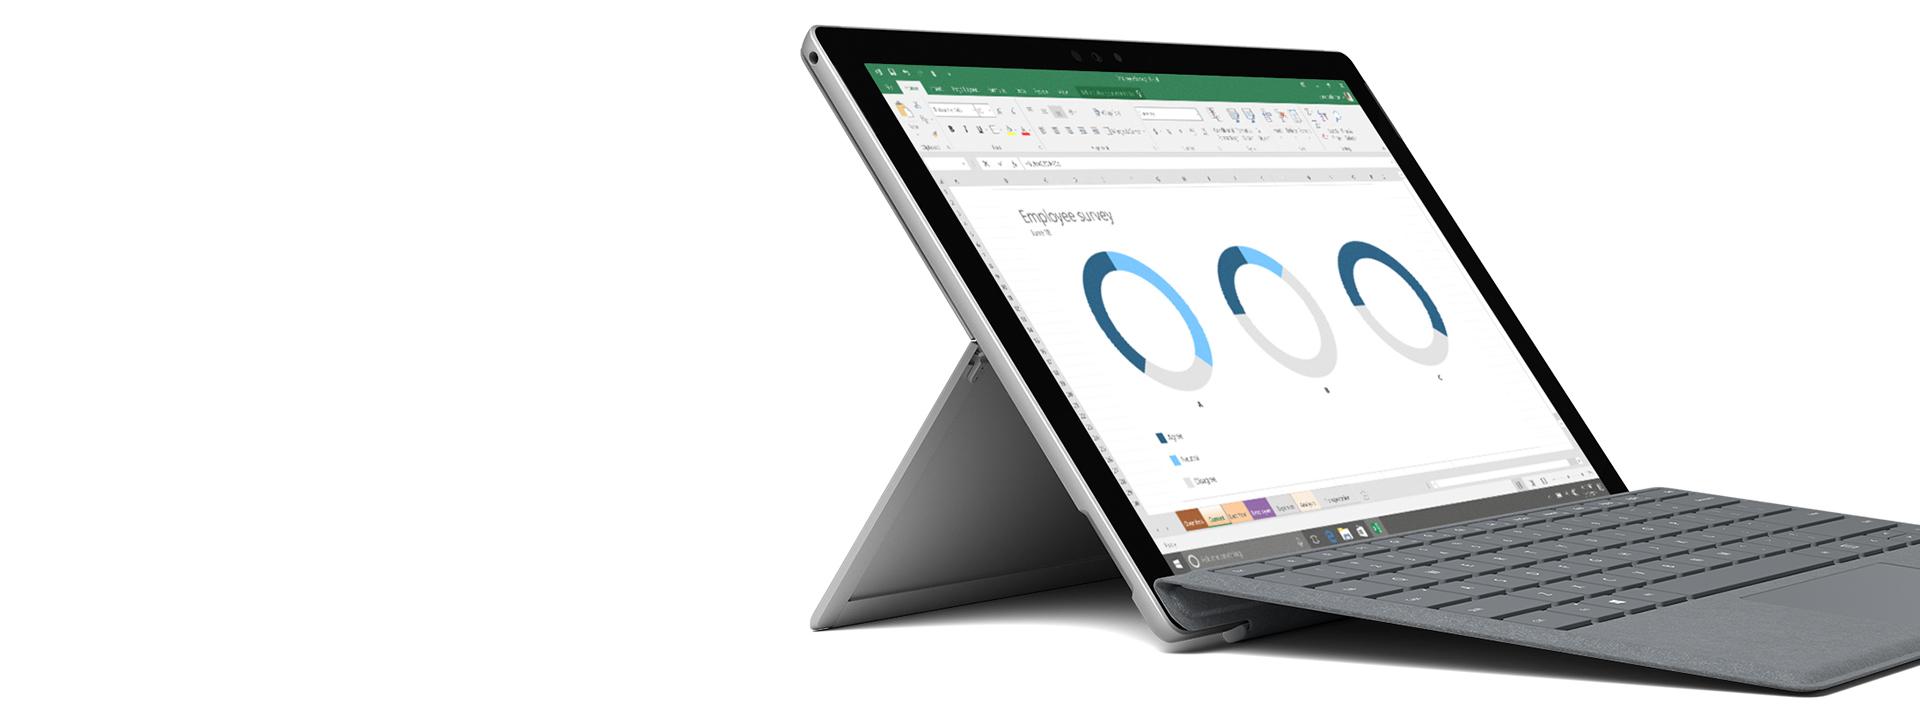 Windows/Office 스크린샷이 표시되어 있는 Surface 장치